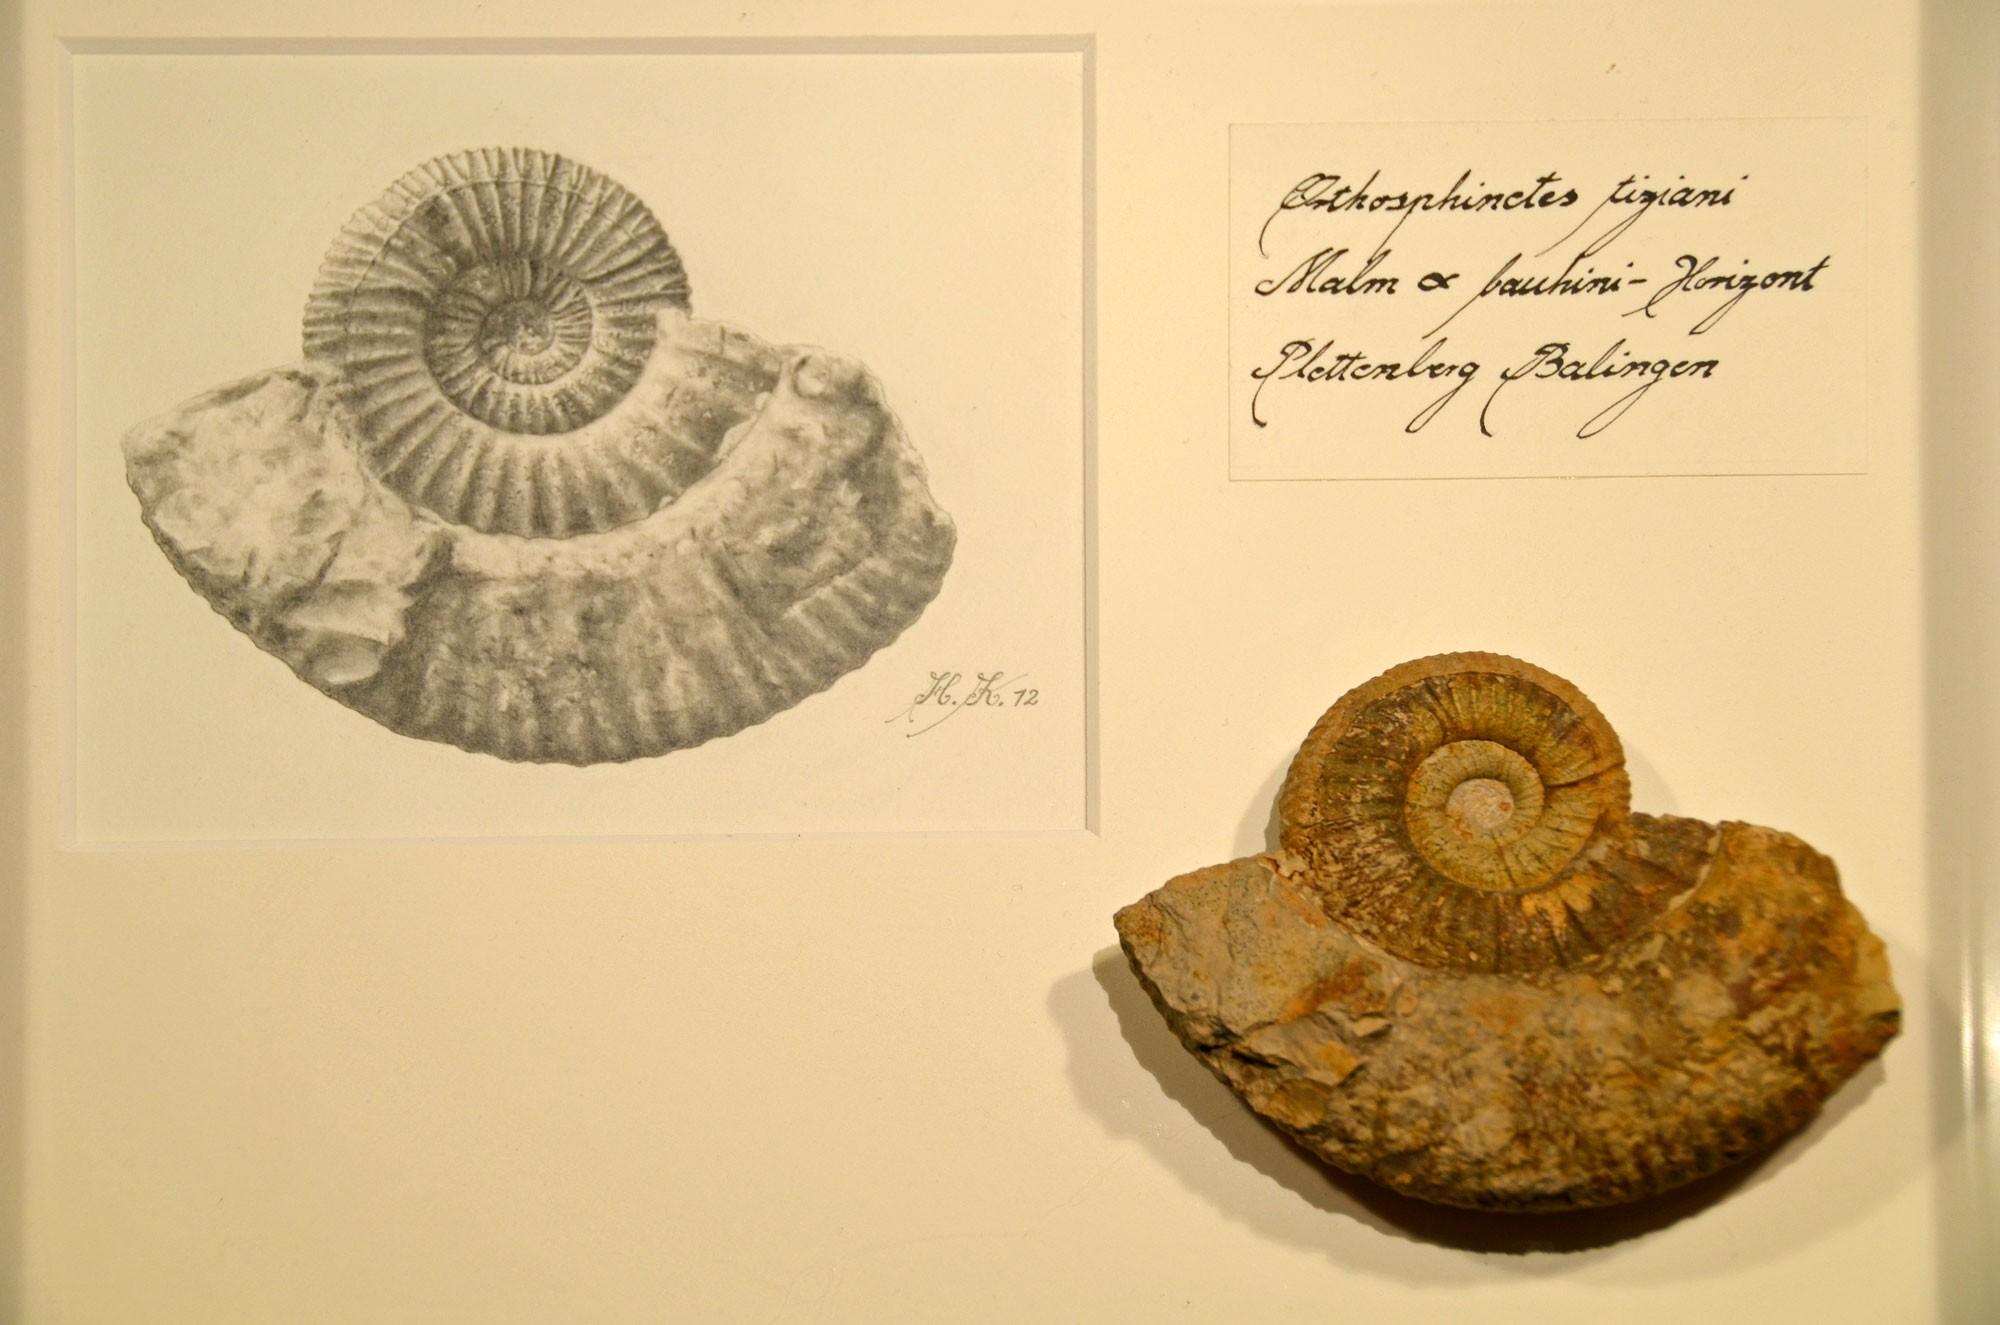 Kuschel, H. (2012): Orthosphinctes tiziani